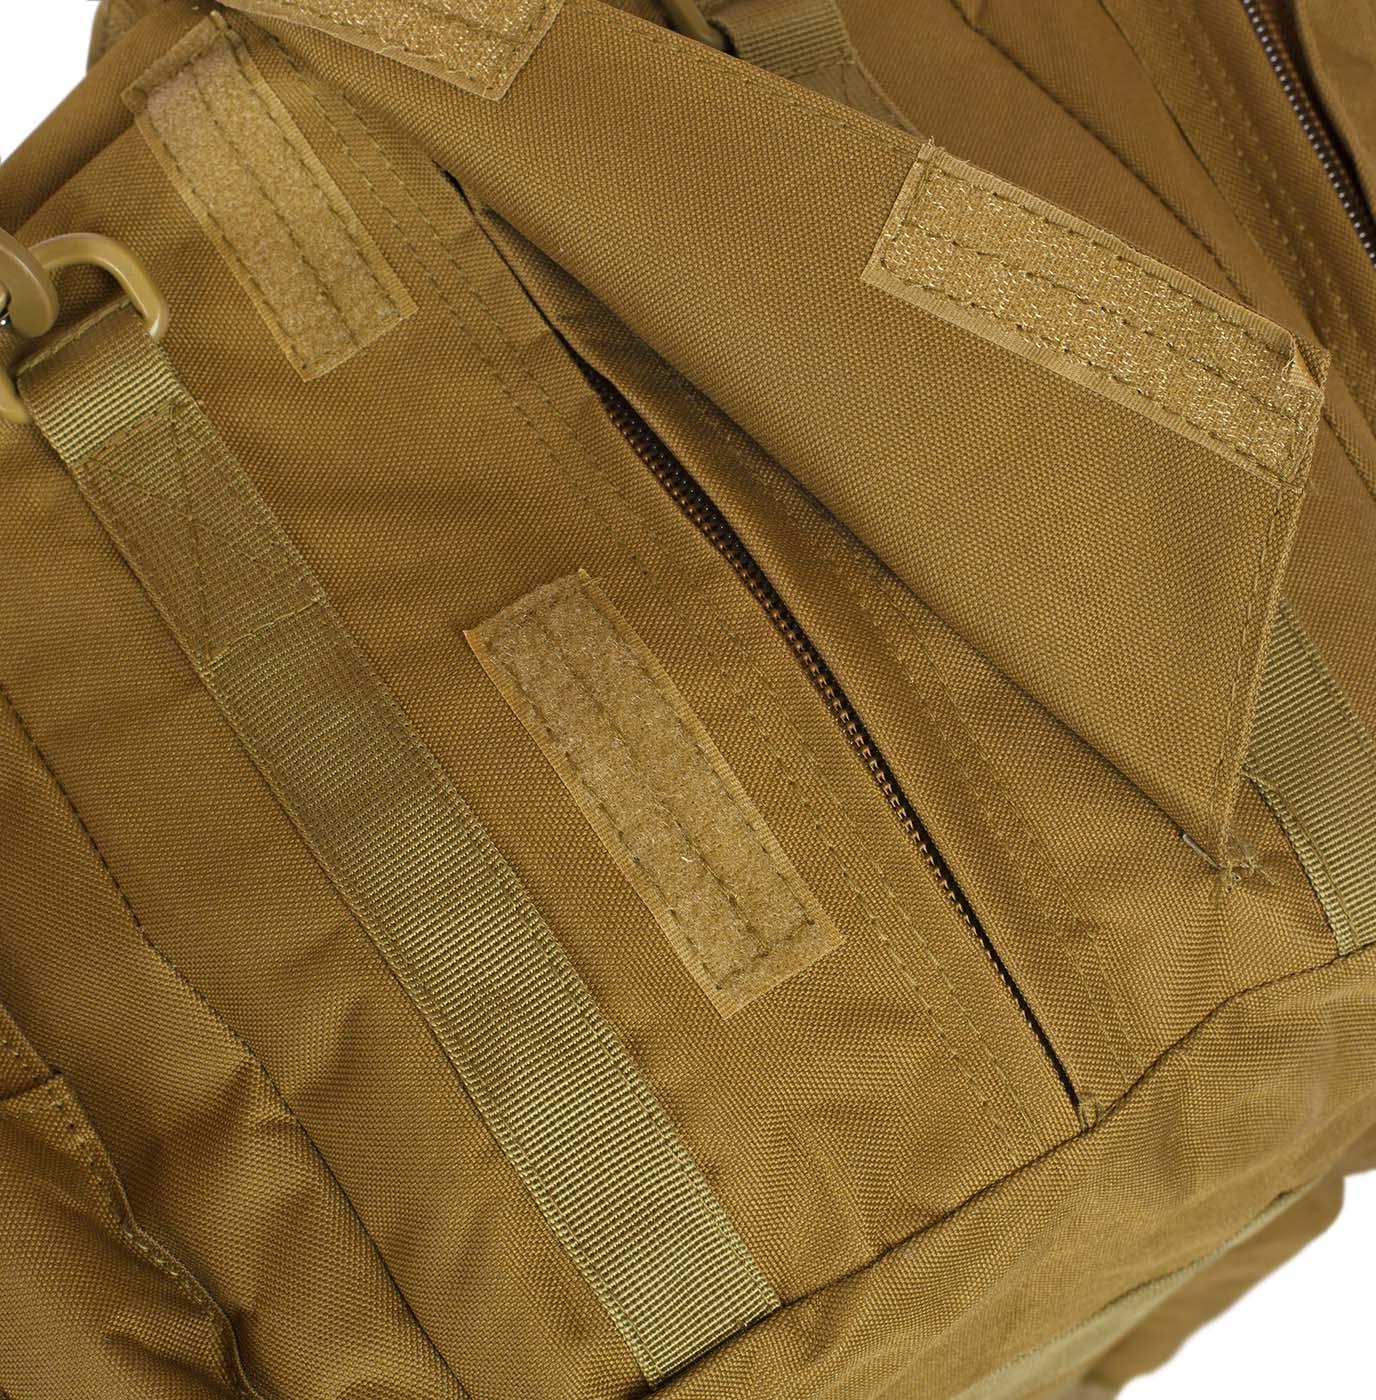 Снаряга – КОСМОС! Армейская тактическая сумка-рюкзак Спецназа ГРУ